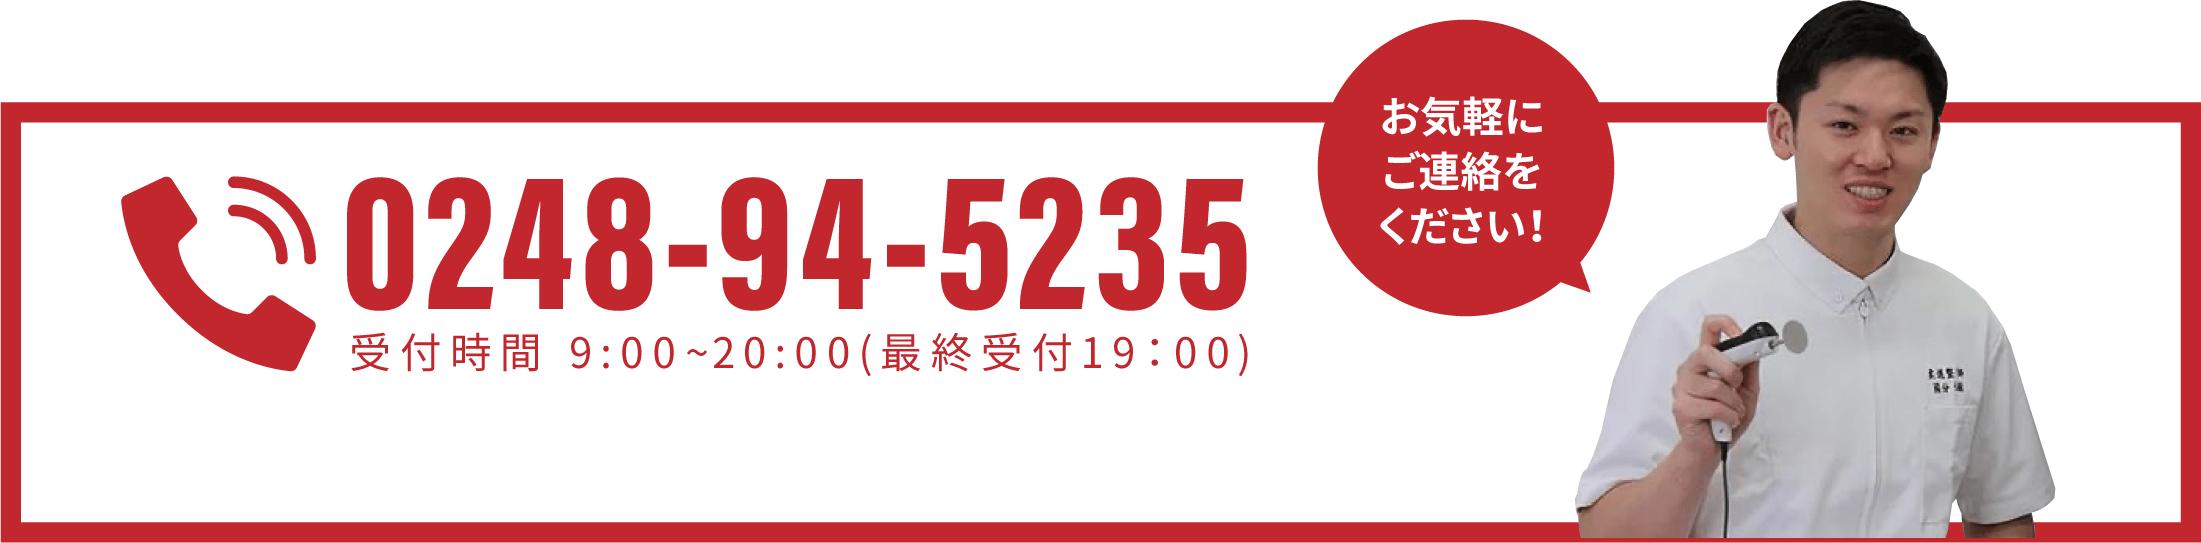 お気軽にご連絡をください! 0248-94-5235 受付時間:9:00〜20:00(最終受付19:00)